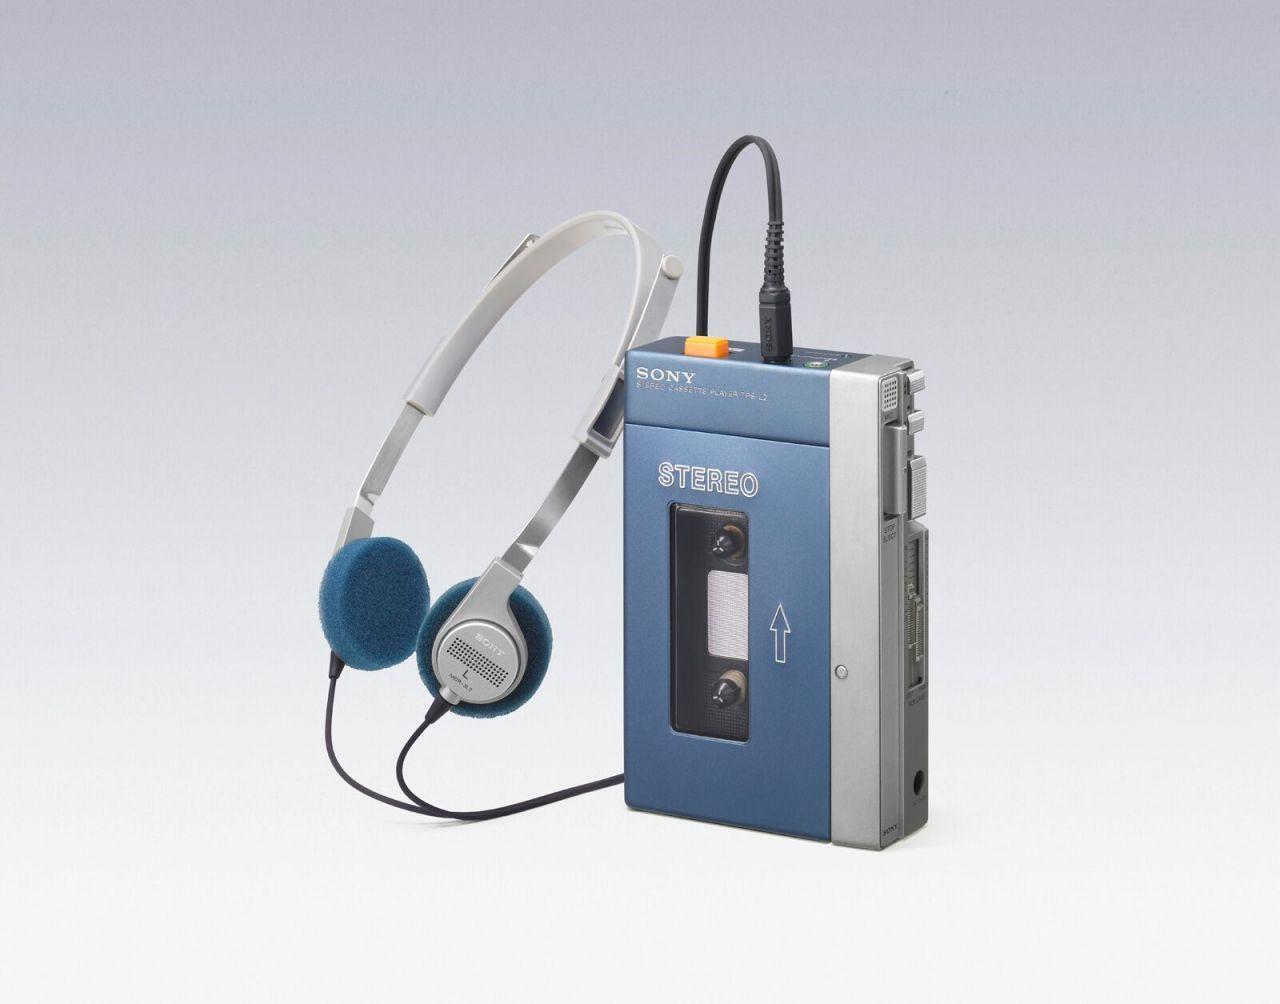 Sony Walkman 40 yaşında! - Page 1